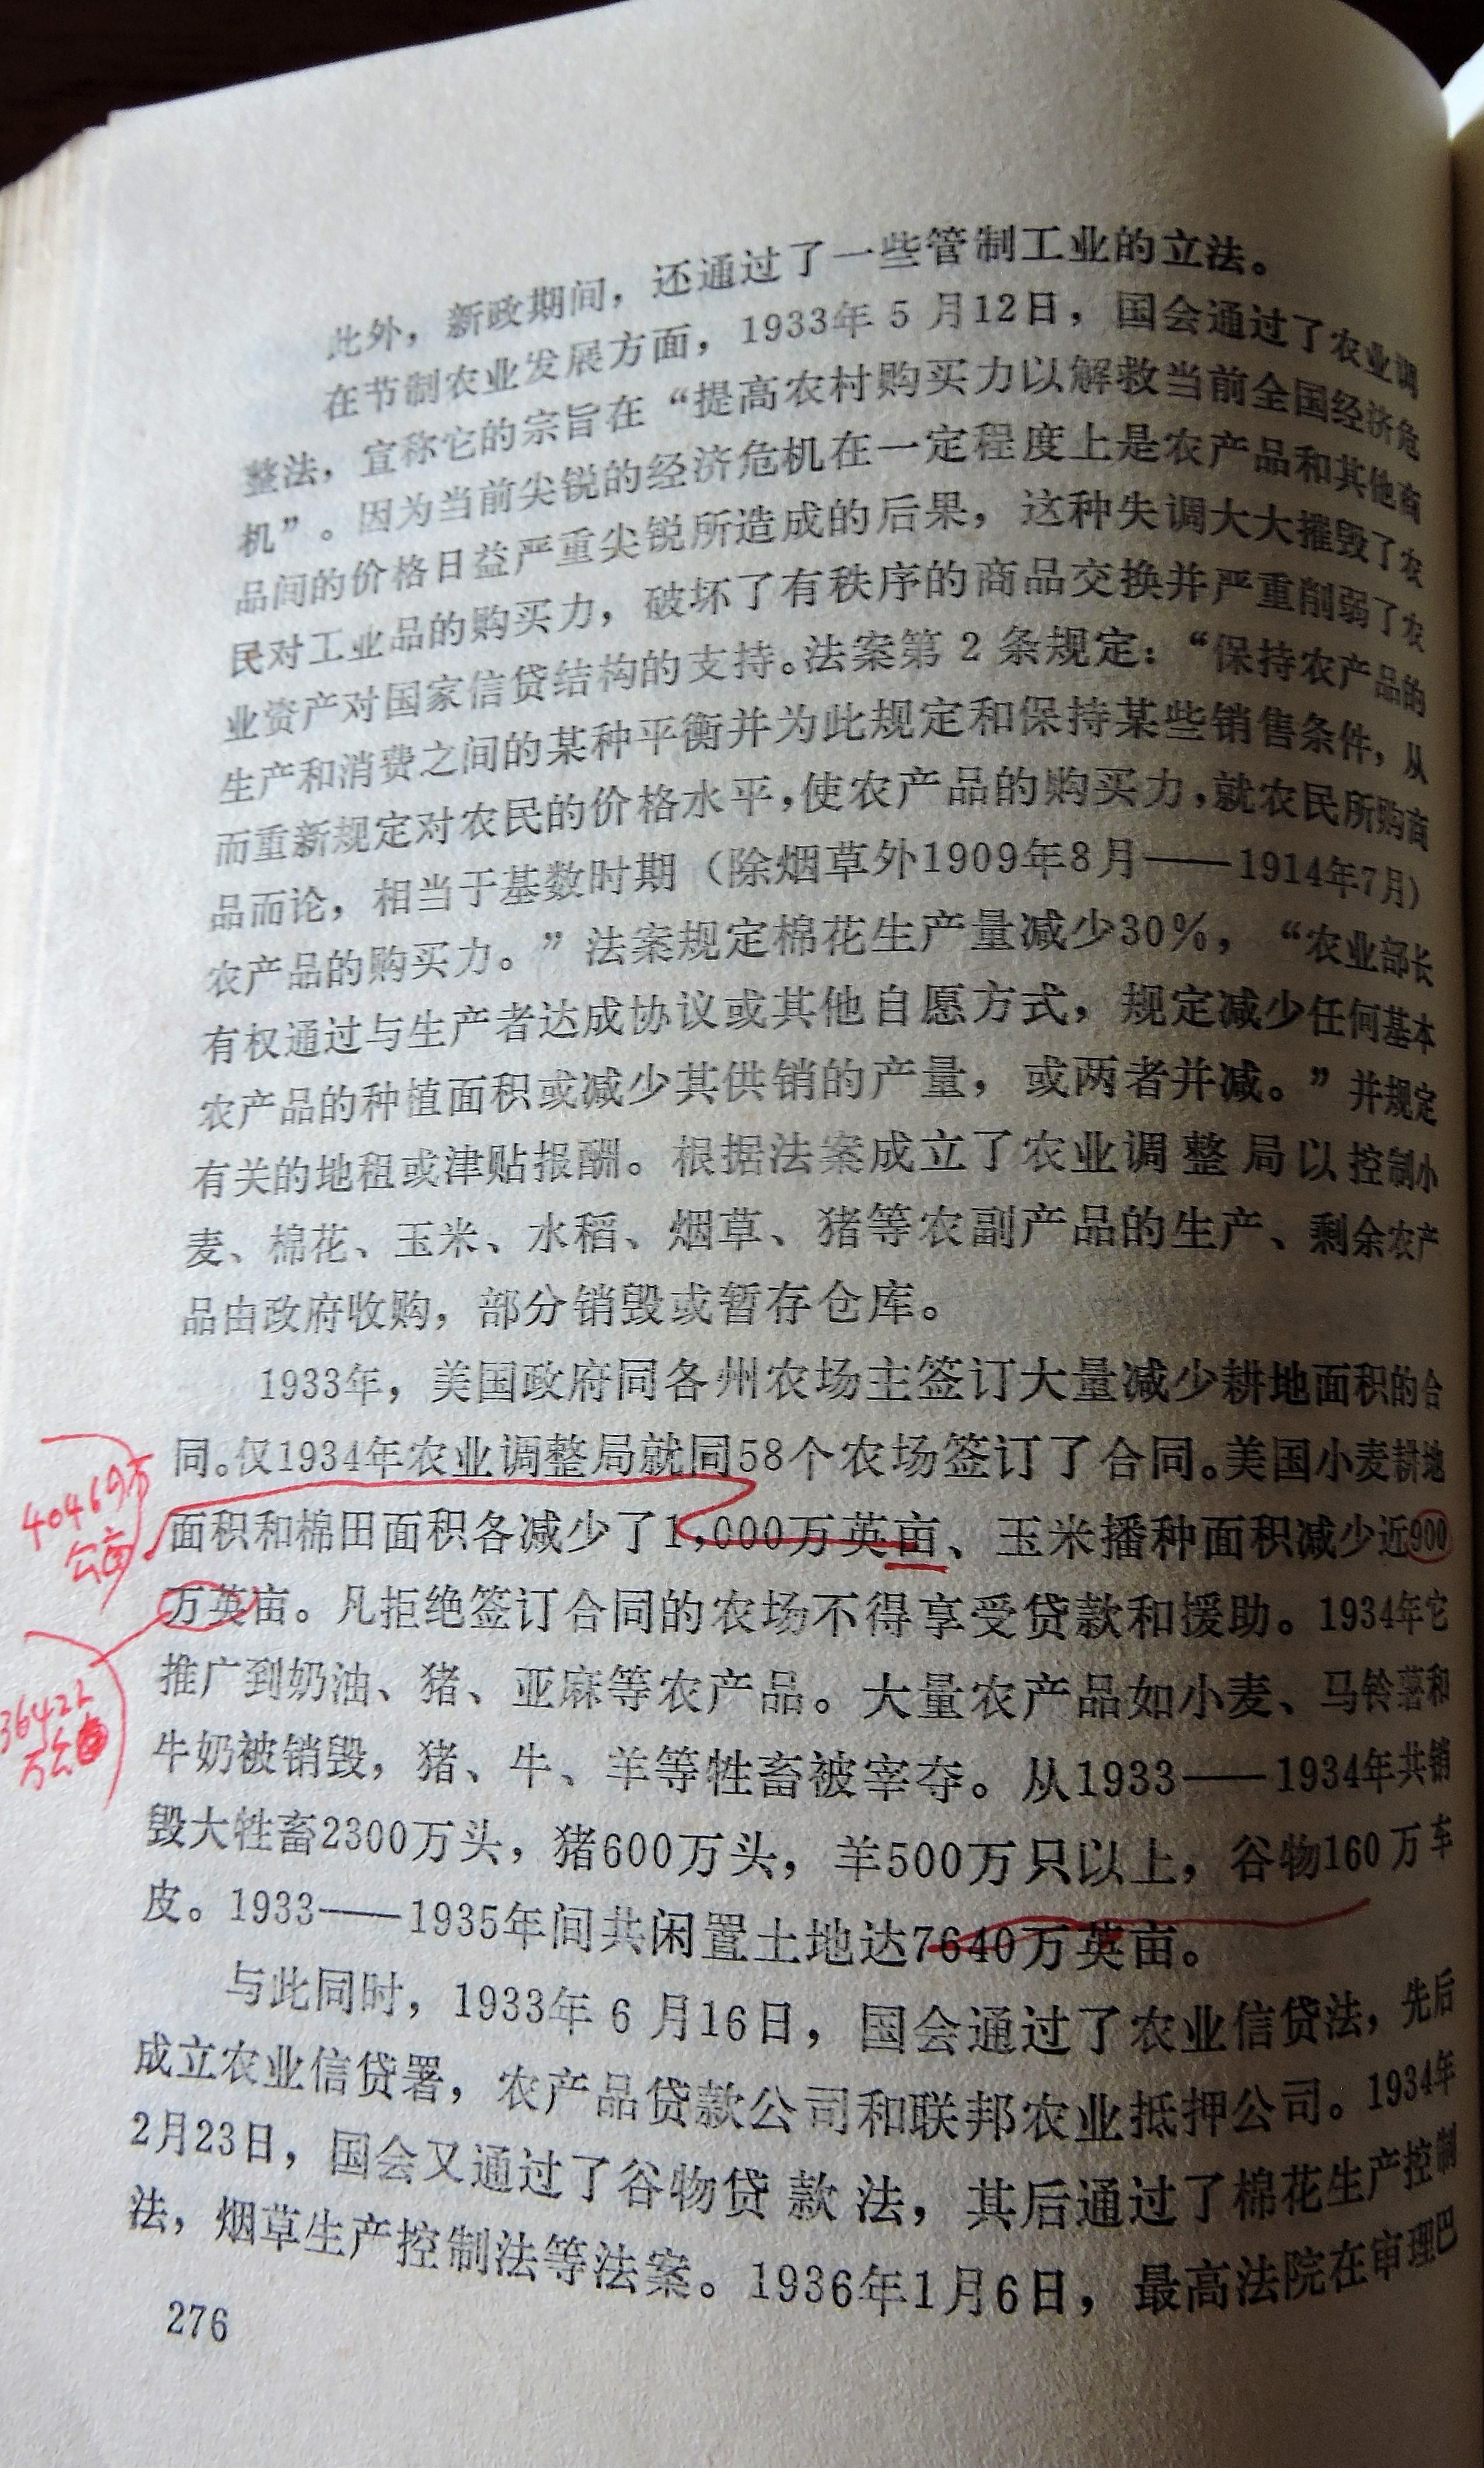 17 DSCN7900.jpg